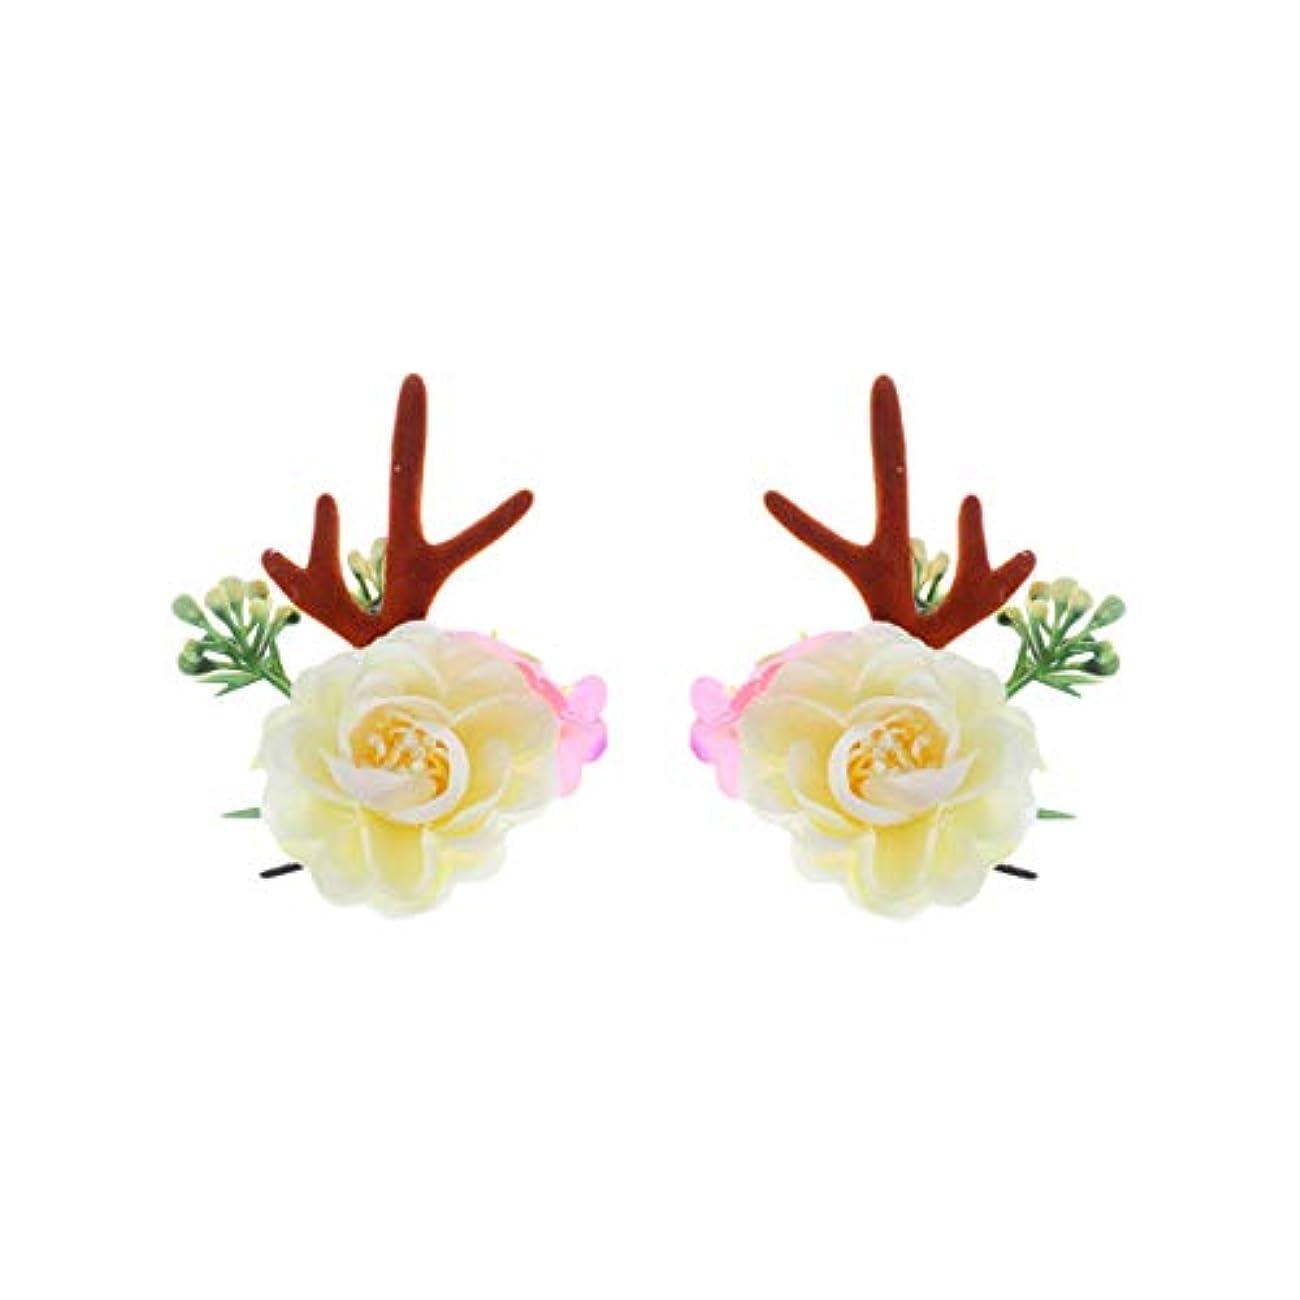 デザイナー考慮増加するLurrose クリスマスヘアクリップアントラーズアントラーズヘアピンかわいいヘアアクセサリー女の子日常着パーティーデコレーション